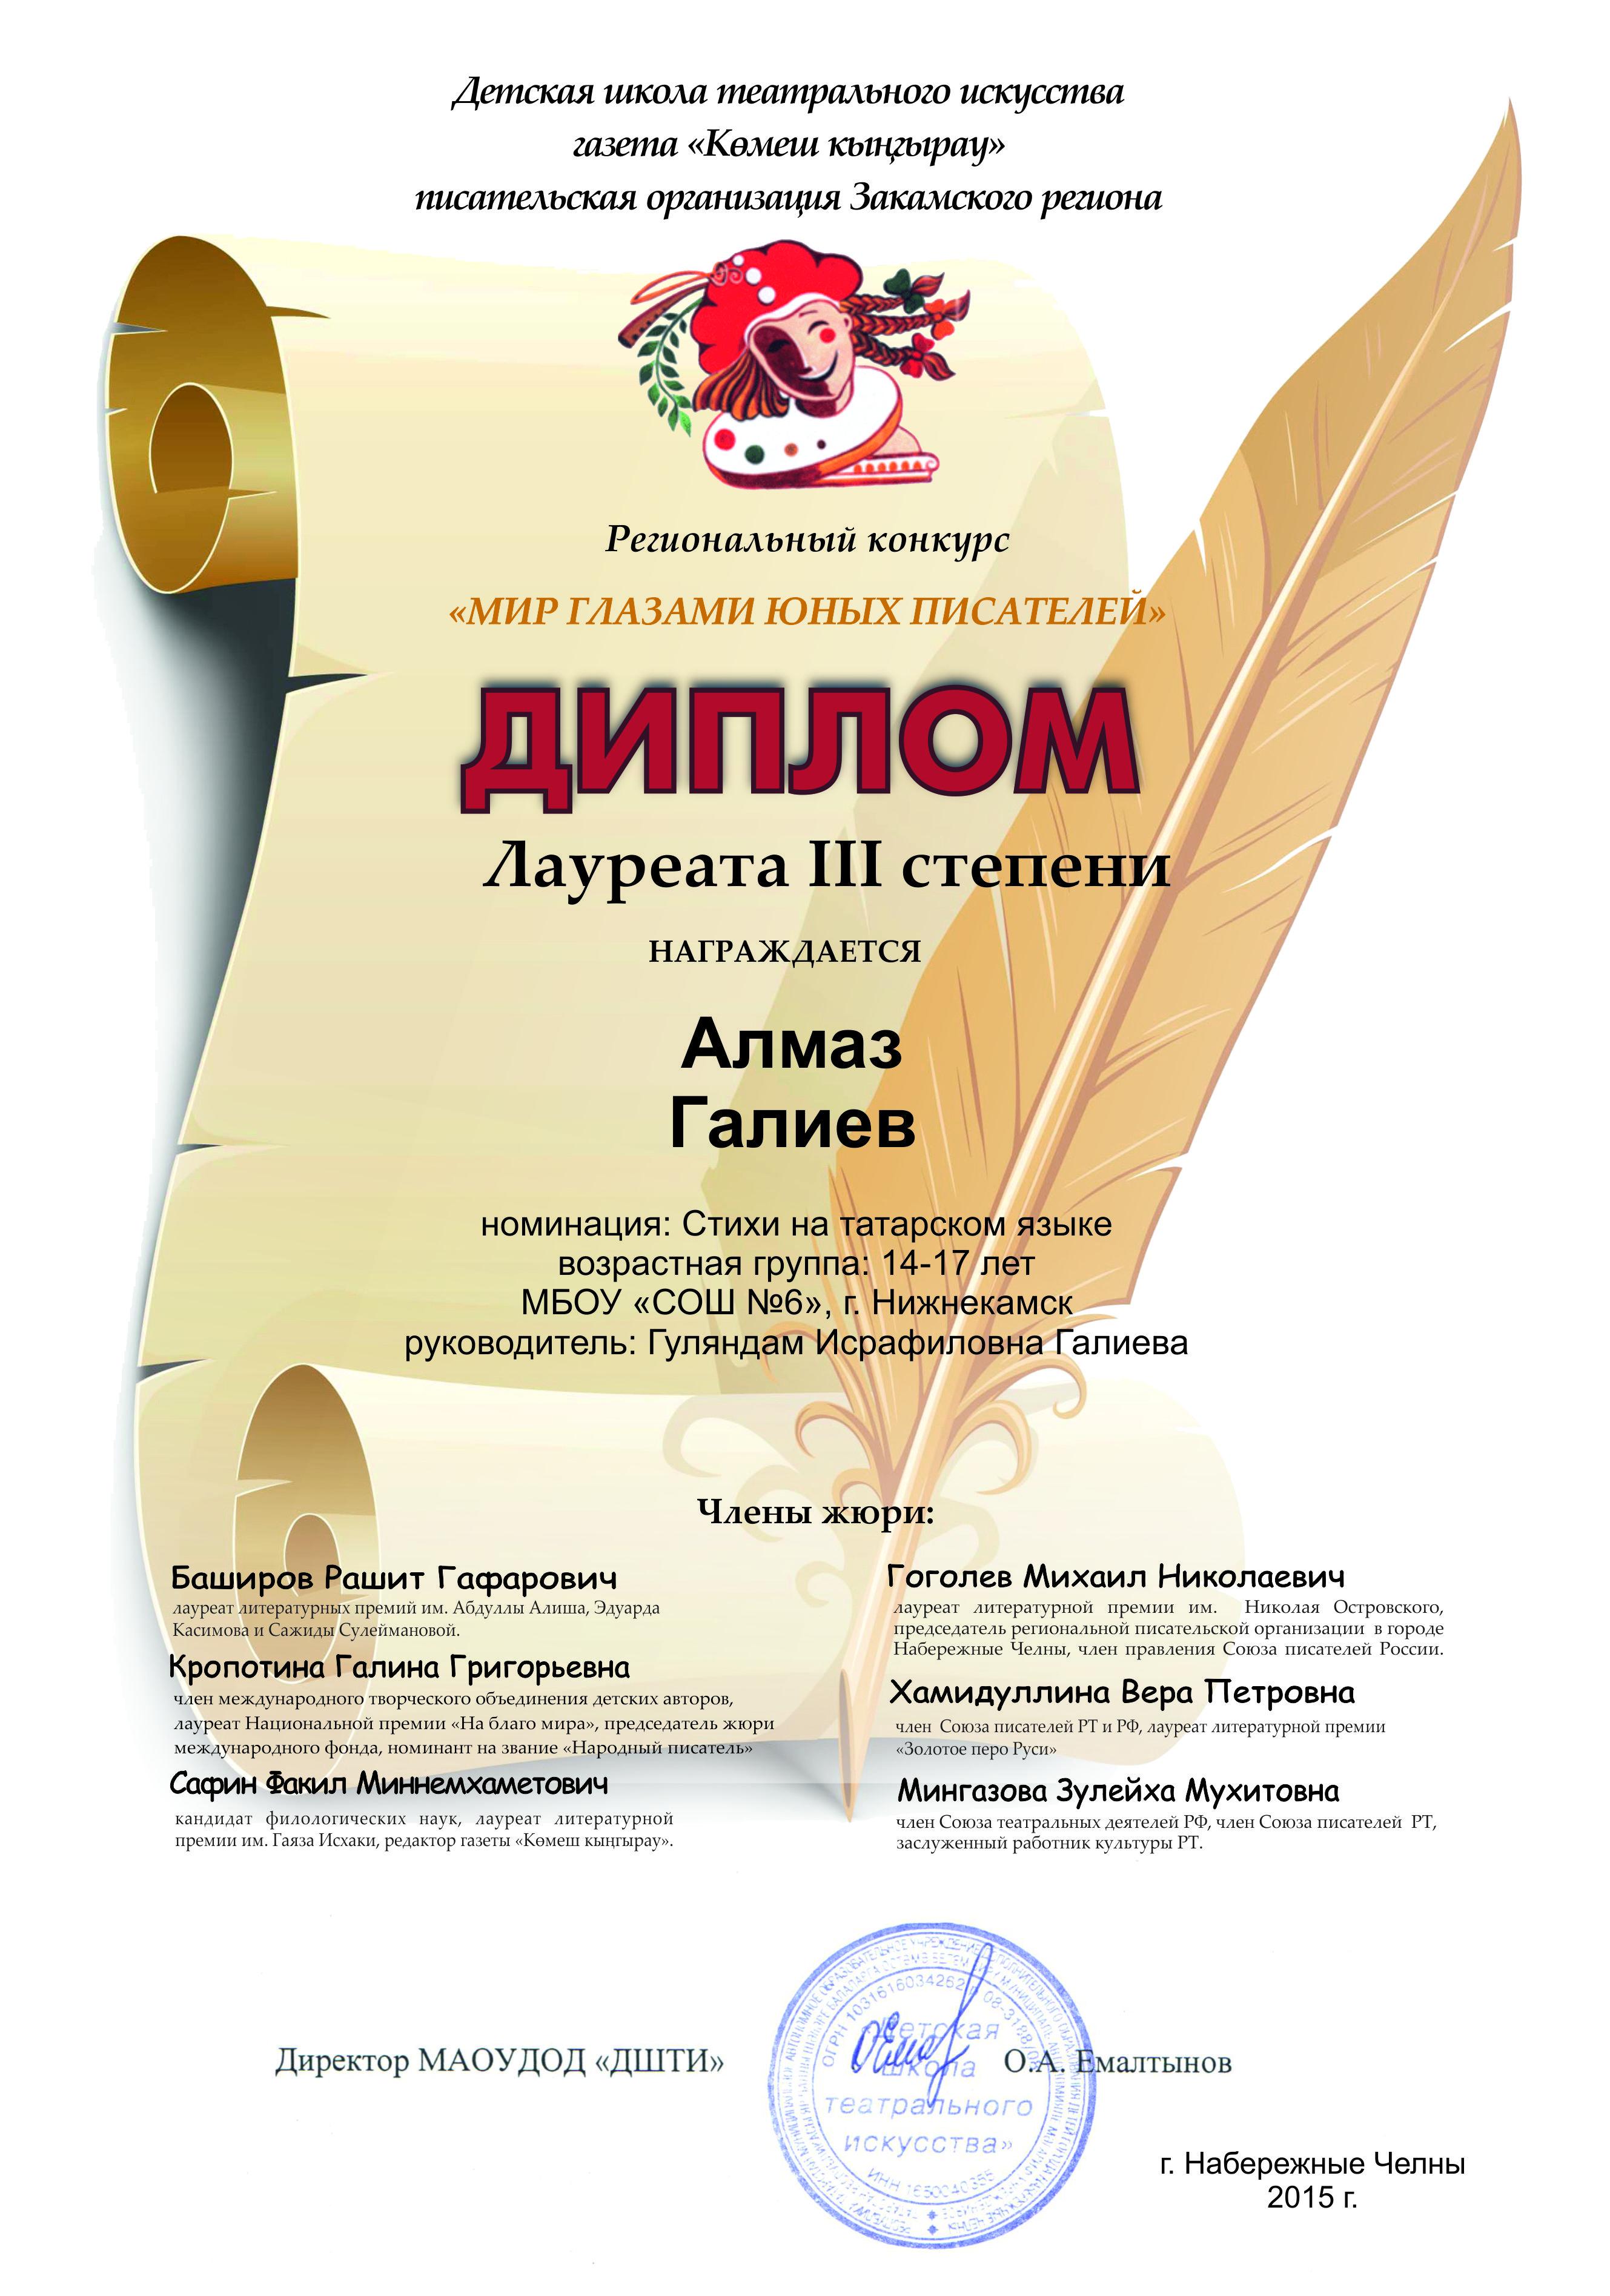 C:\Users\Эльвира Исмагиловна\Desktop\дипломы Галиевой Г за 1-п. 2014\Алмаз Галиев.jpg